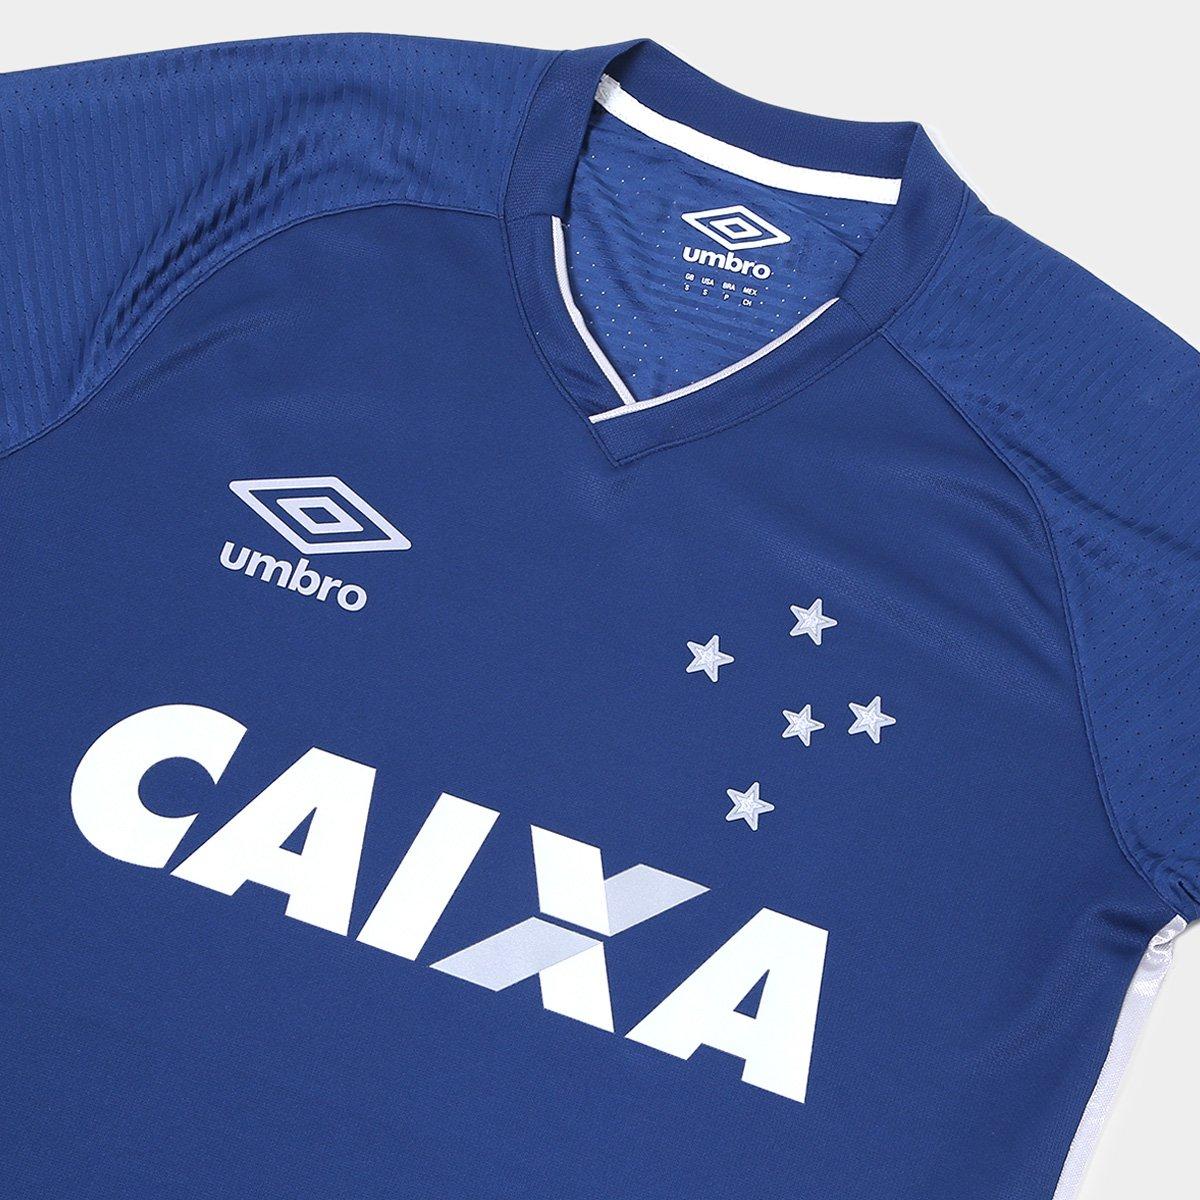 Camisa Cruzeiro III 17 18 s n° - Torcedor Umbro Masculina - Compre ... 3fe7324bbb42b